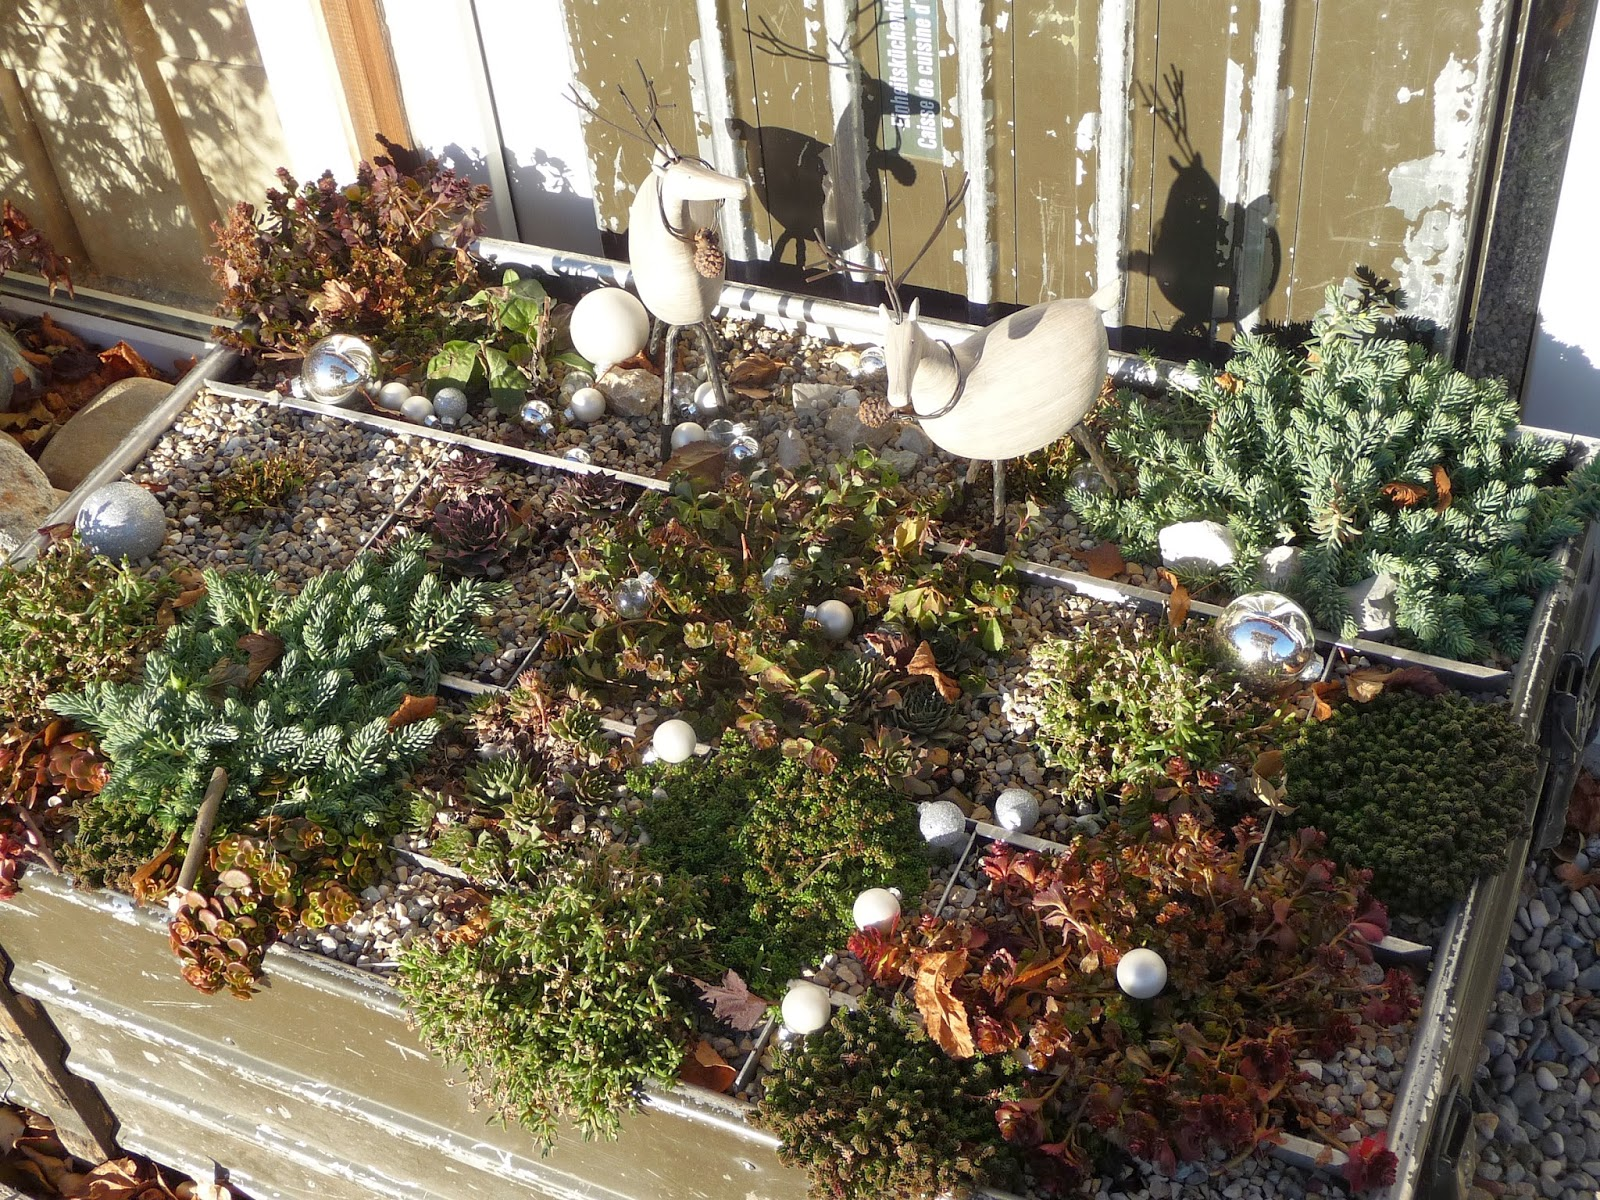 #946337 M.Alice: Suite Déco De Noël 5435 decorations de noel geneve 1600x1200 px @ aertt.com